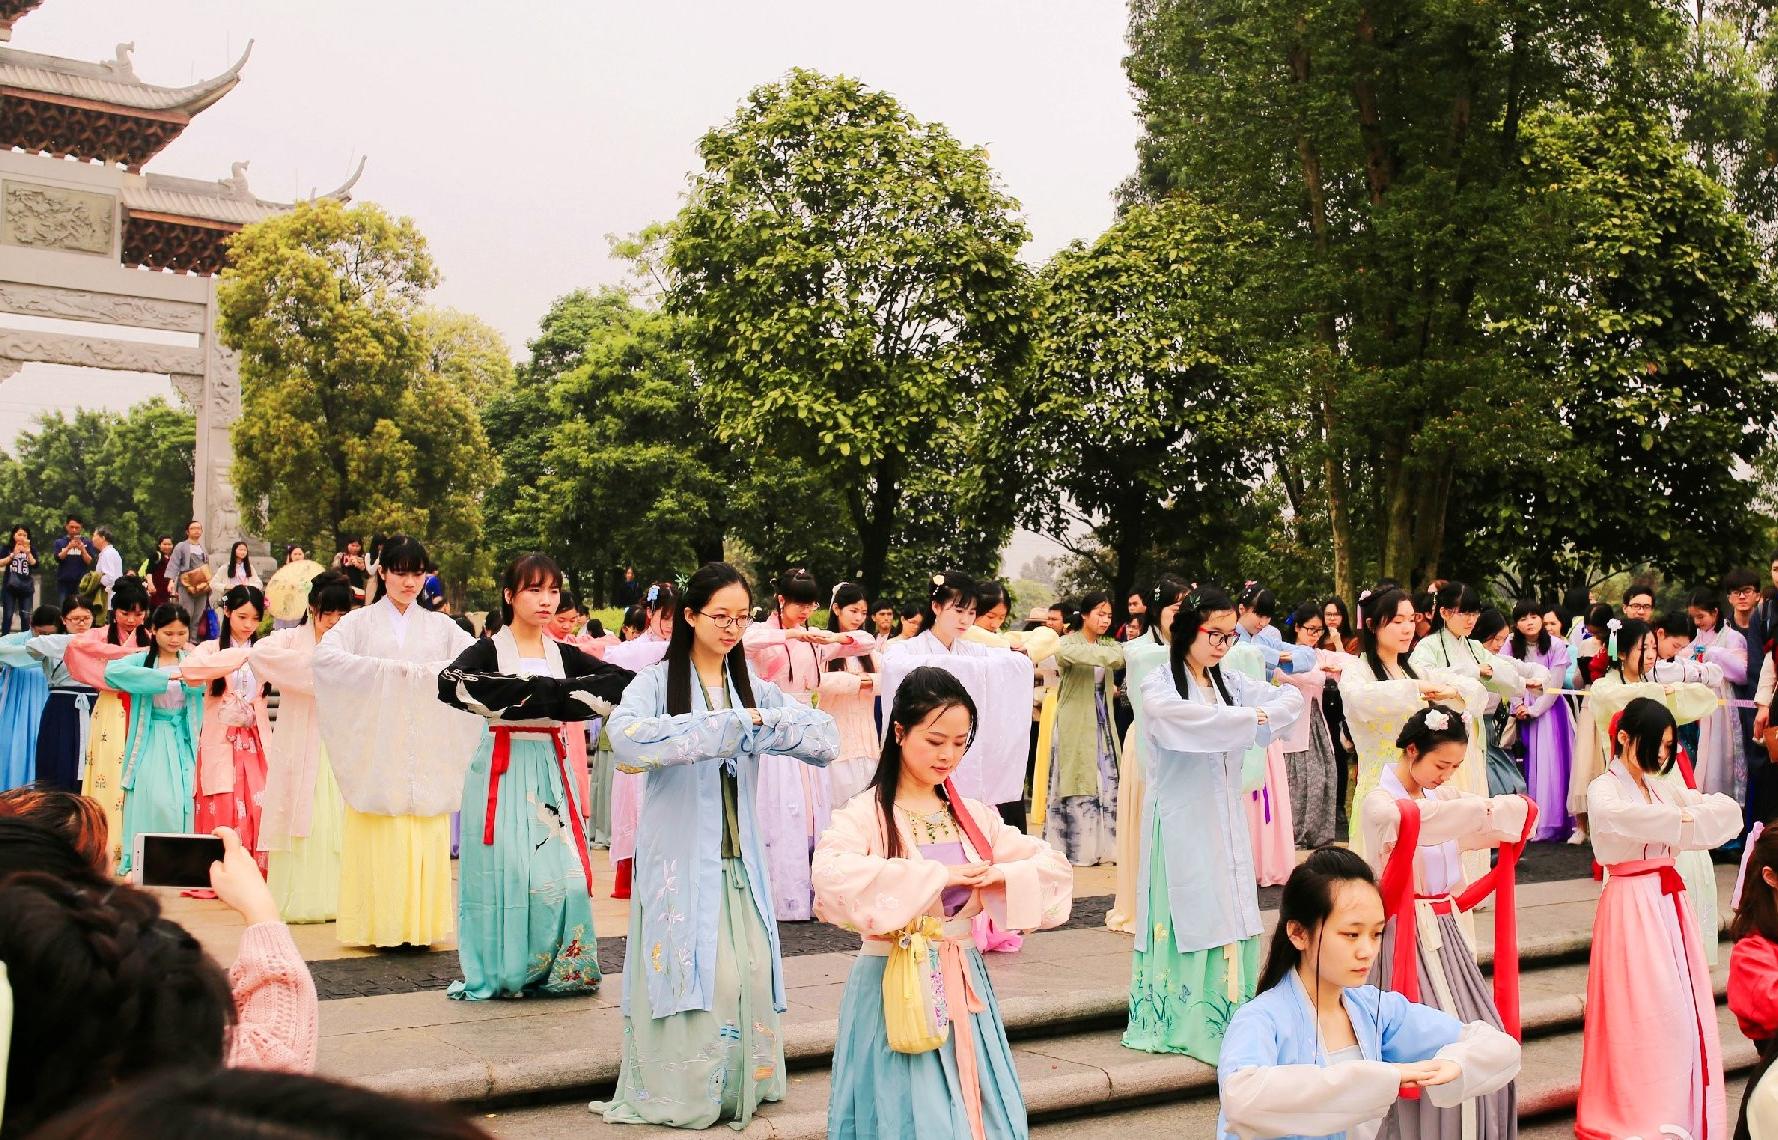 广州举办花朝节汉服活动